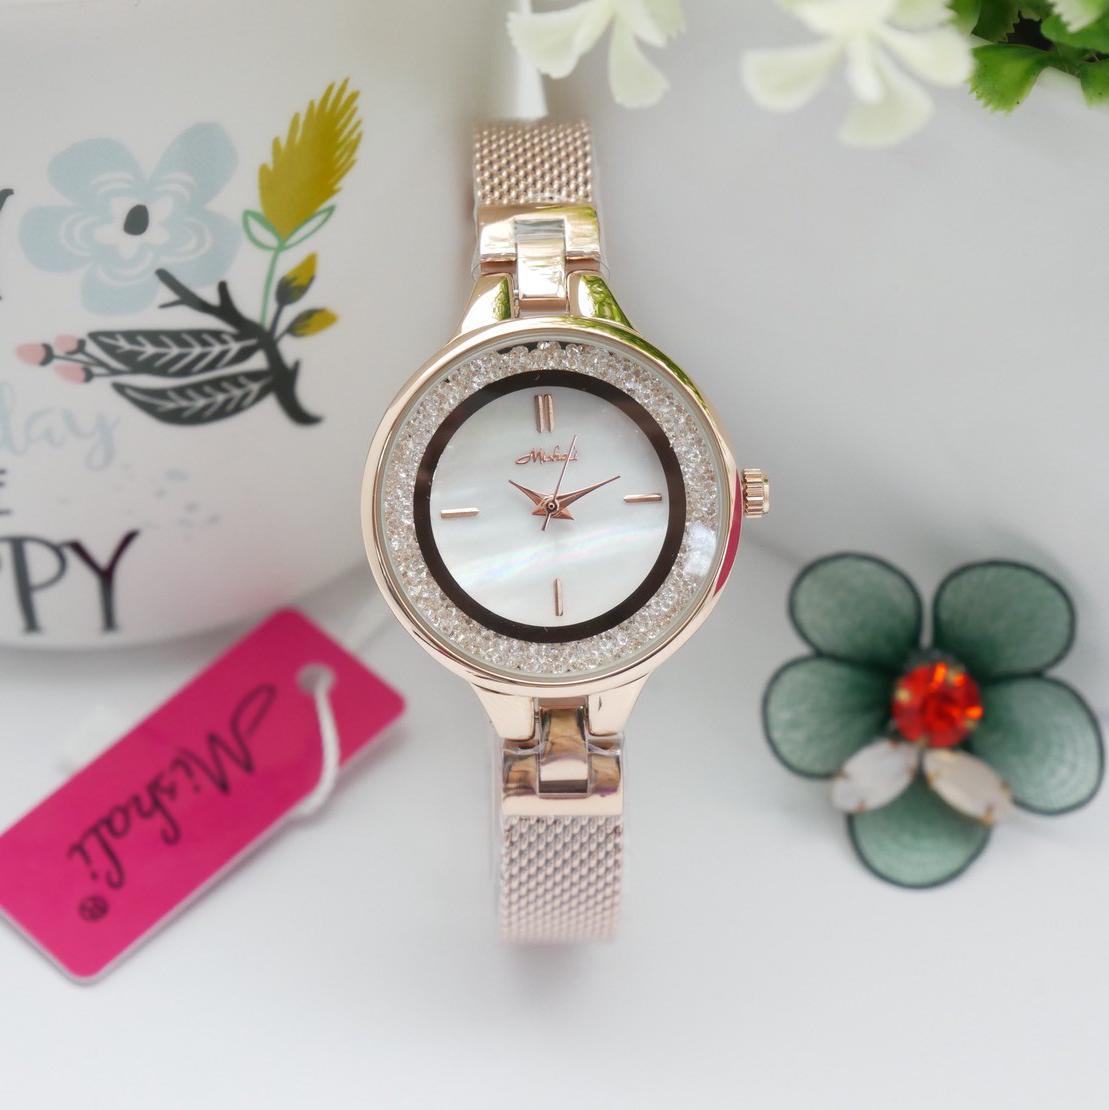 นาฬิกาข้อมือผู้หญิง MISHALI M18027 A